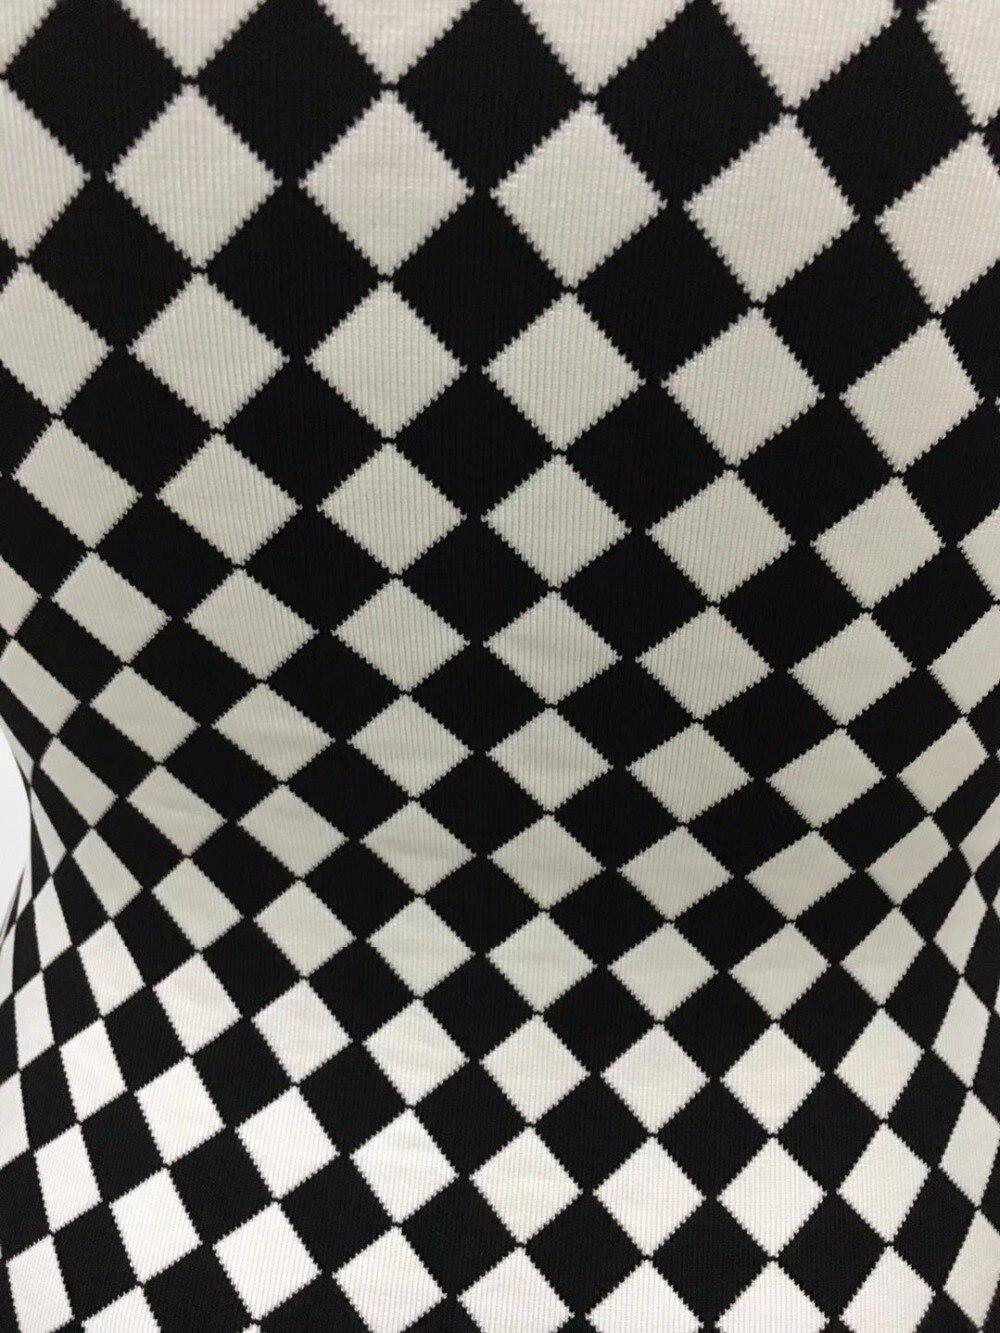 Celebrity Géométrique Impression Noir Robe Épaule Sans Femmes Élégante Date 2018 Parti Robes D'une Manches Blanc Bandage D'été w5CSxOWItq